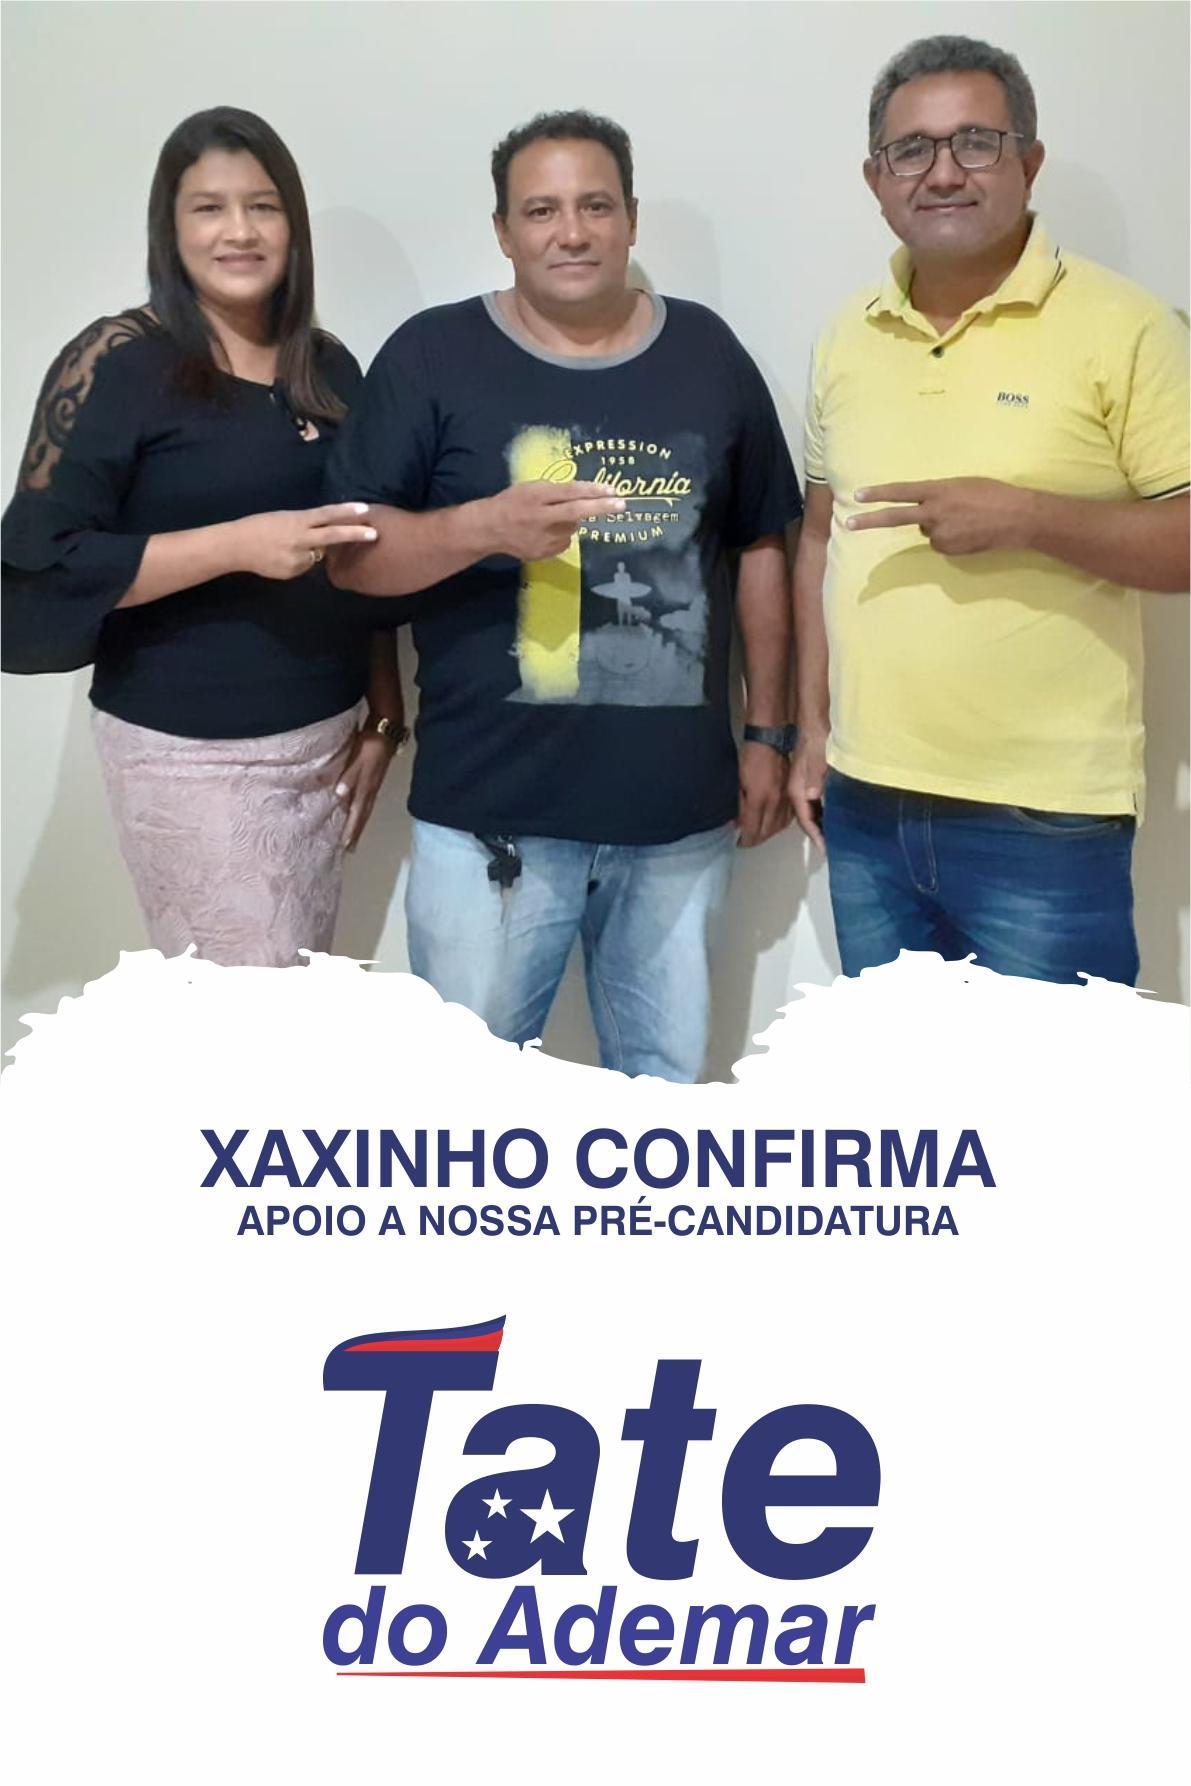 Xaxinho declara apoio à reeleição de Tate do Ademar